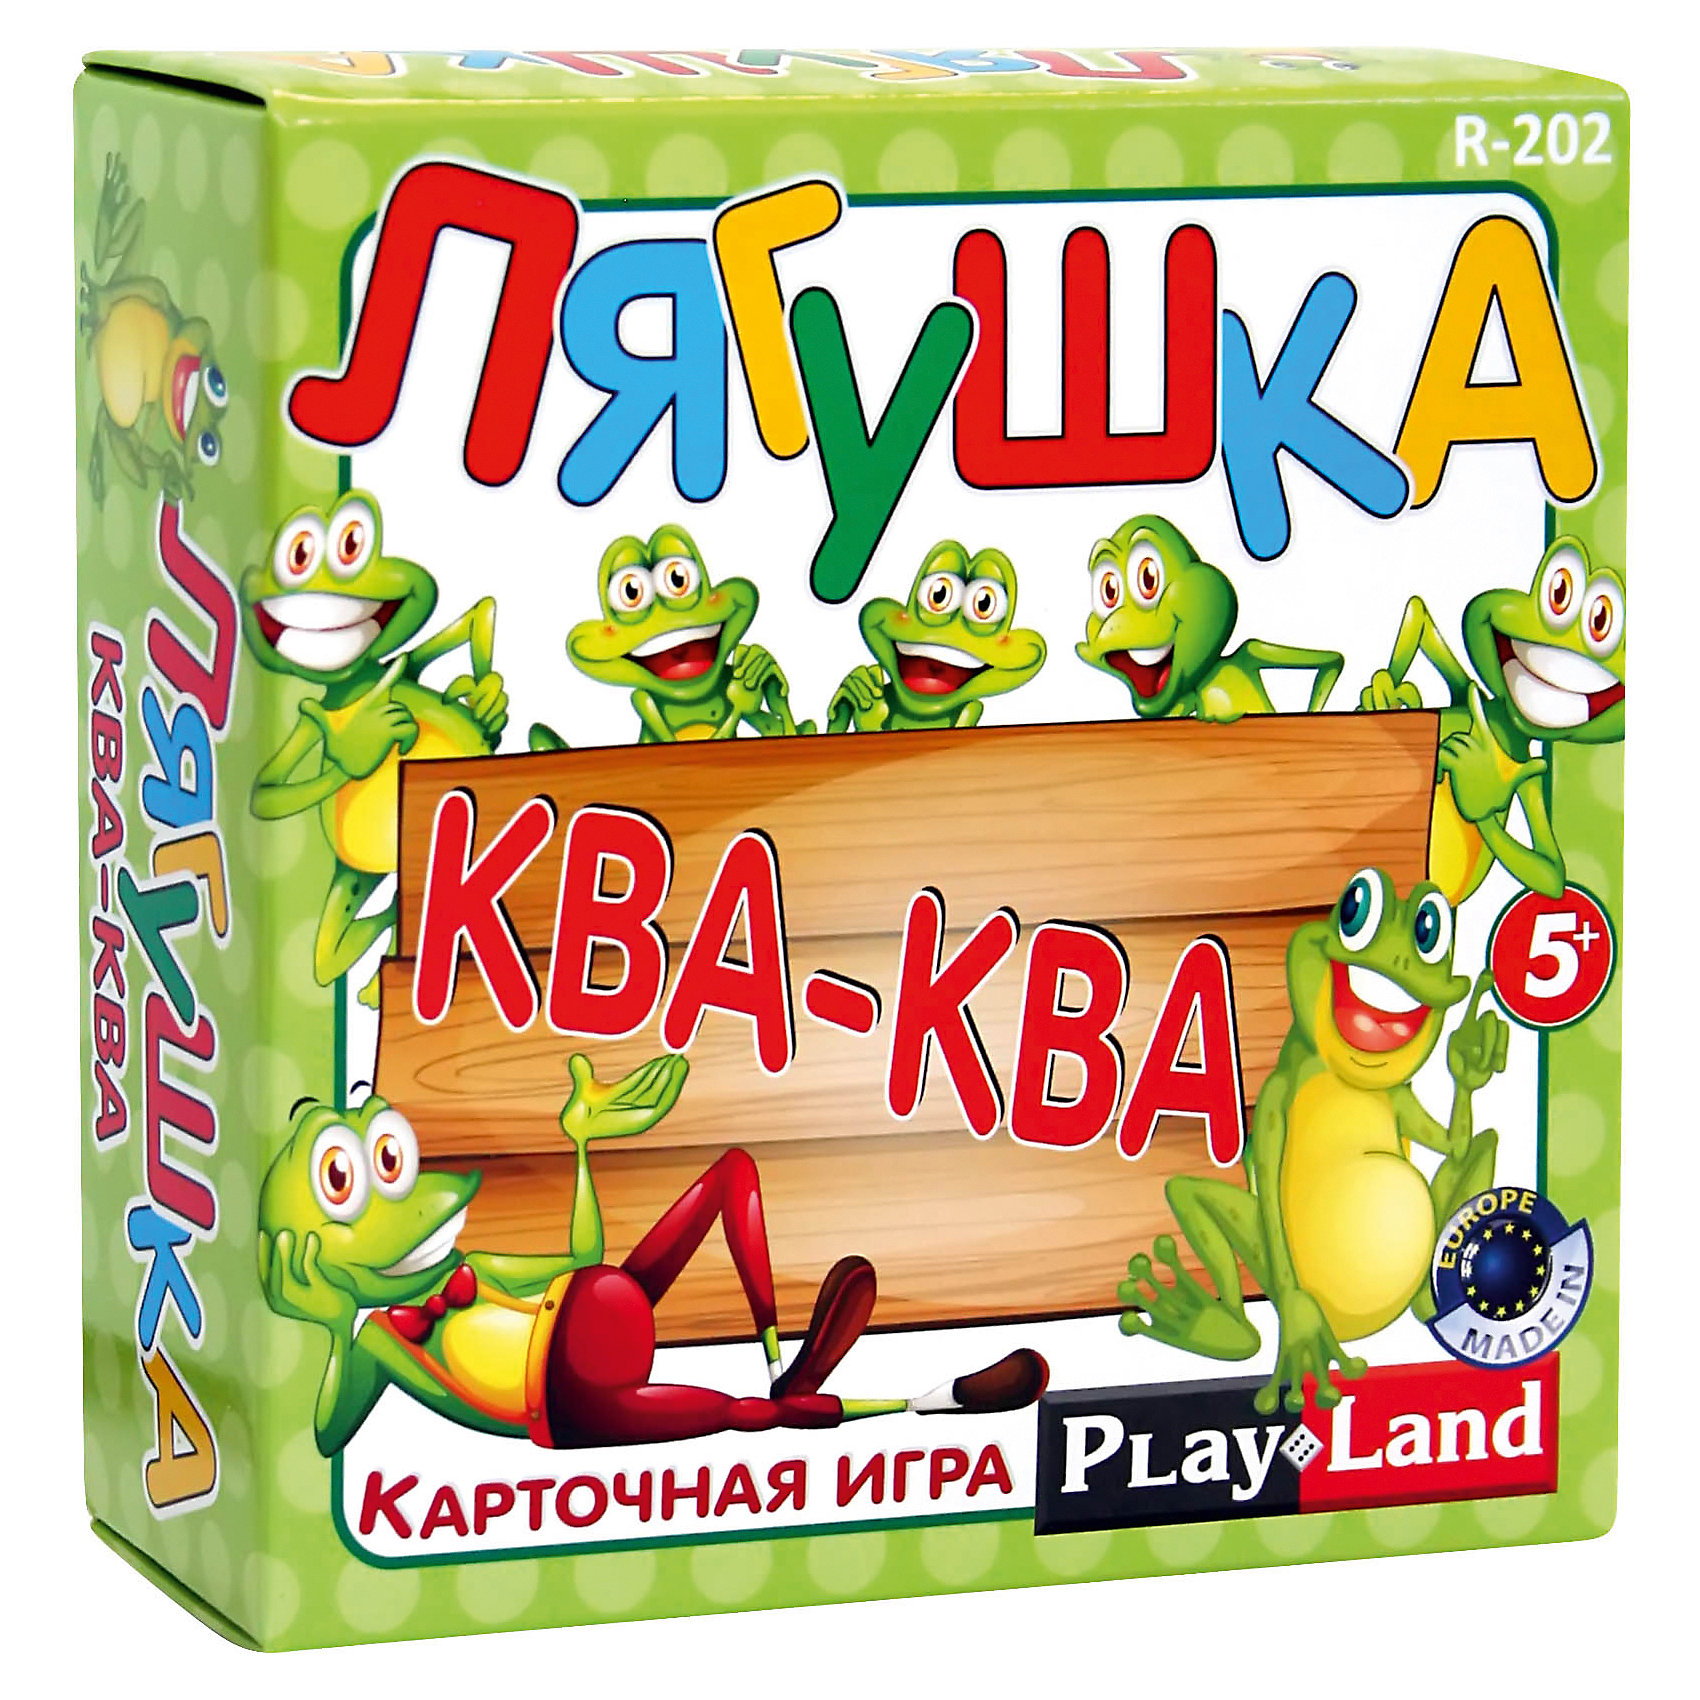 Настольная игра Лягушка Ква-ква, Play LandНастольные игры для всей семьи<br>Характеристики товара:<br><br>• в комплекте:: 56 карт;<br>• количество игроков: 2-4;<br>• время игры: 20-30 минут;<br>• материал: картон;<br>• возраст: от 5 лет;<br>• размер упаковки: 12х5х12 см;<br>• вес: 180 грамм;<br>• страна бренда: Болгария.<br><br>Настольная игра «Лягушка Ква-ква» научит ребенка считать до десяти, складывать и вычитать. В комплект входят 56 ярких карточек с изображением очаровательных лягушек.<br><br>В процессе игры ребенку нужно будет выбрать подходящую карту, использовать специальные карты и правильно подбирать слова.<br><br>Игра способствует развитию памяти, мышления и скорости реакции.<br><br>Настольную игру Лягушка Ква-ква, Play Land (Плей Лэнд) можно купить в нашем интернет-магазине.<br><br>Ширина мм: 120<br>Глубина мм: 50<br>Высота мм: 120<br>Вес г: 180<br>Возраст от месяцев: 60<br>Возраст до месяцев: 168<br>Пол: Унисекс<br>Возраст: Детский<br>SKU: 6893357